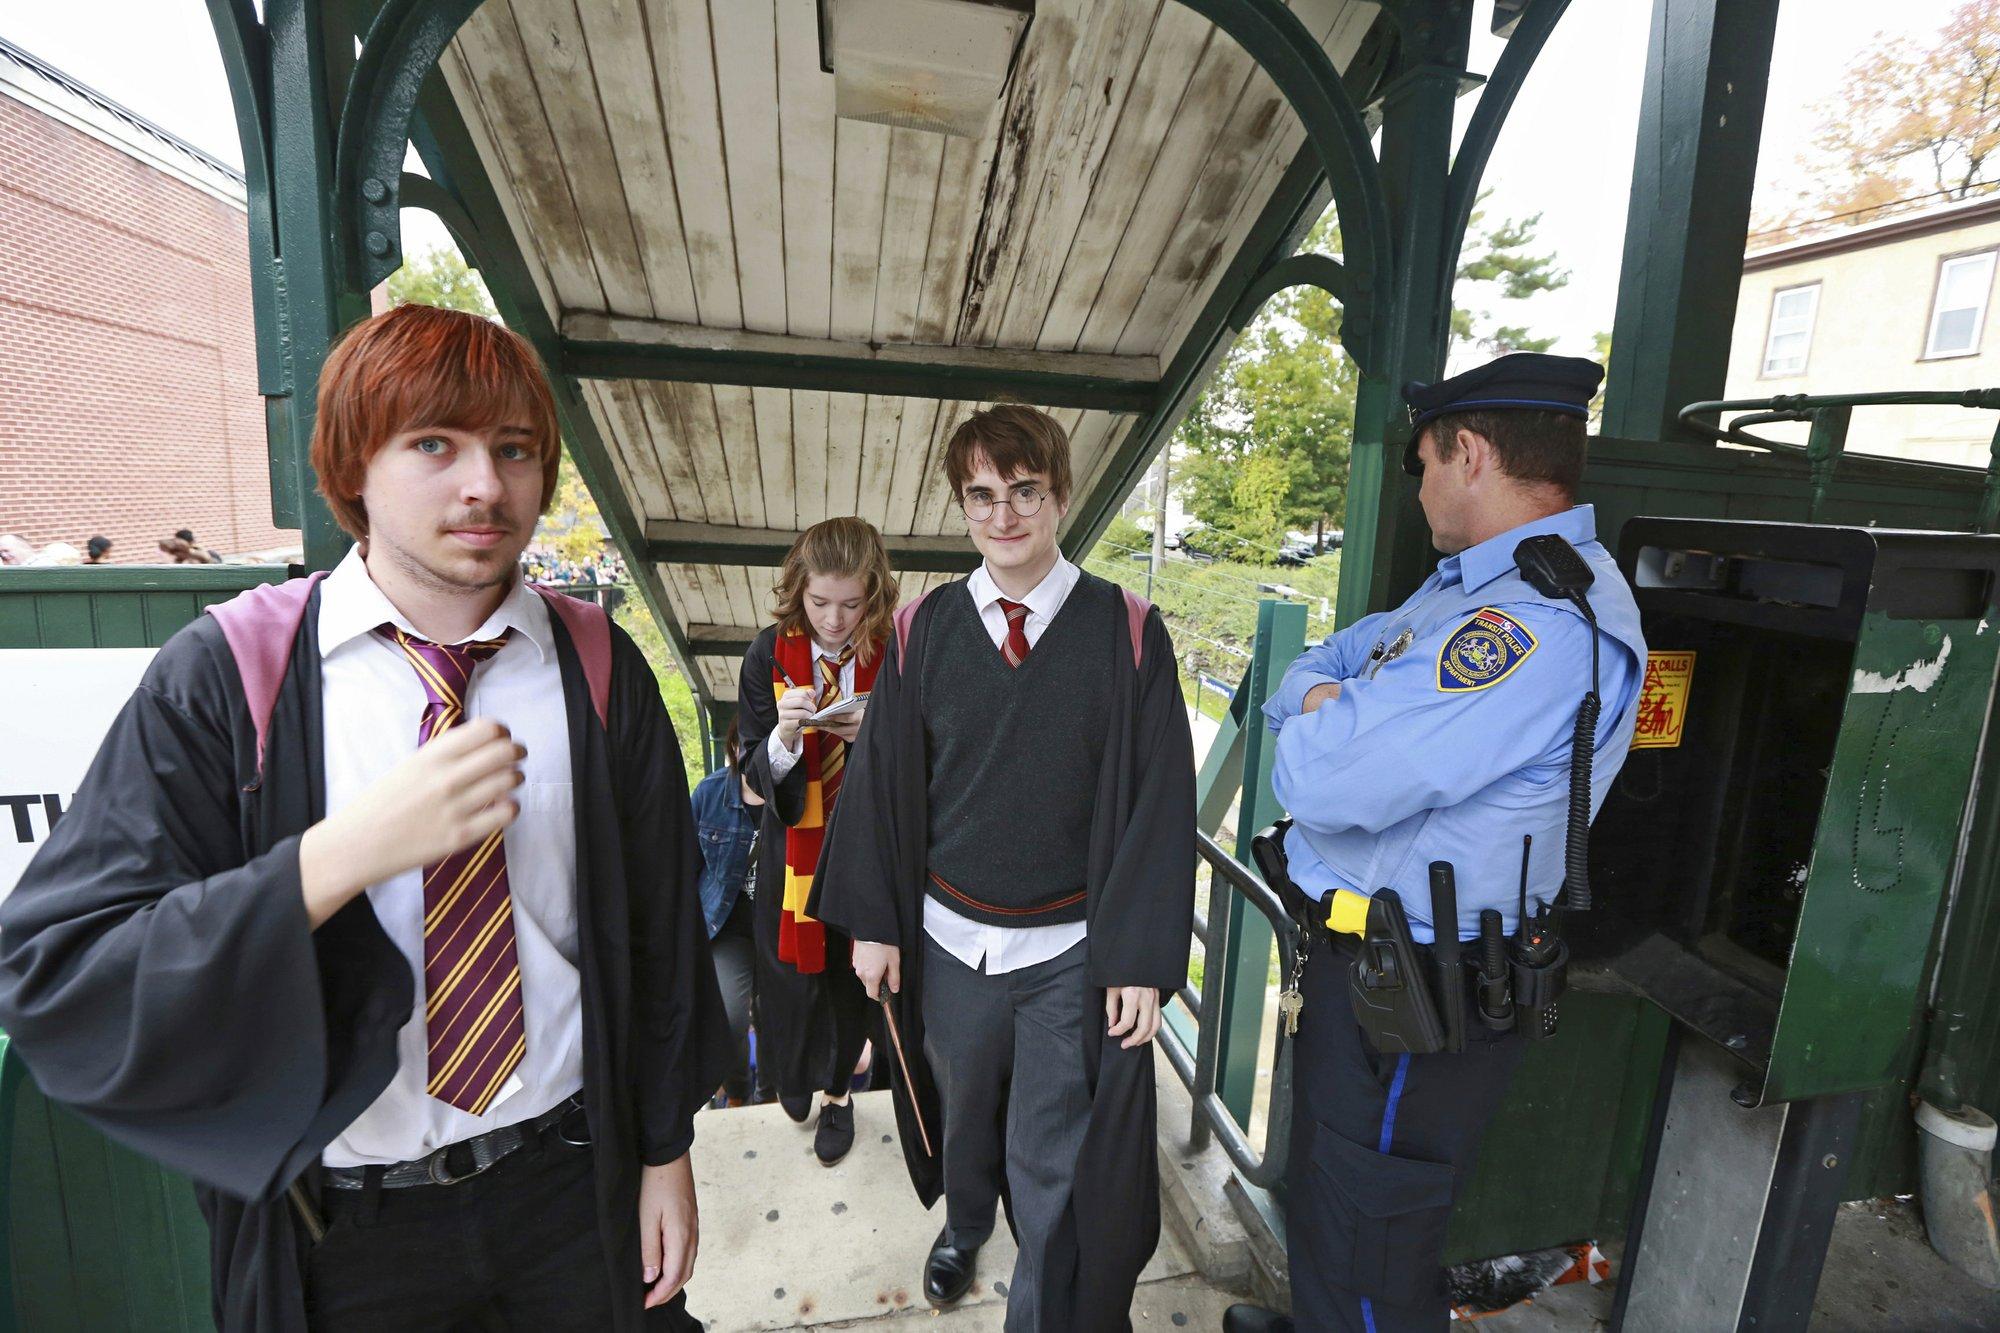 Warner Bros Crackdown Puts Dark Mark Over Potter Festivals